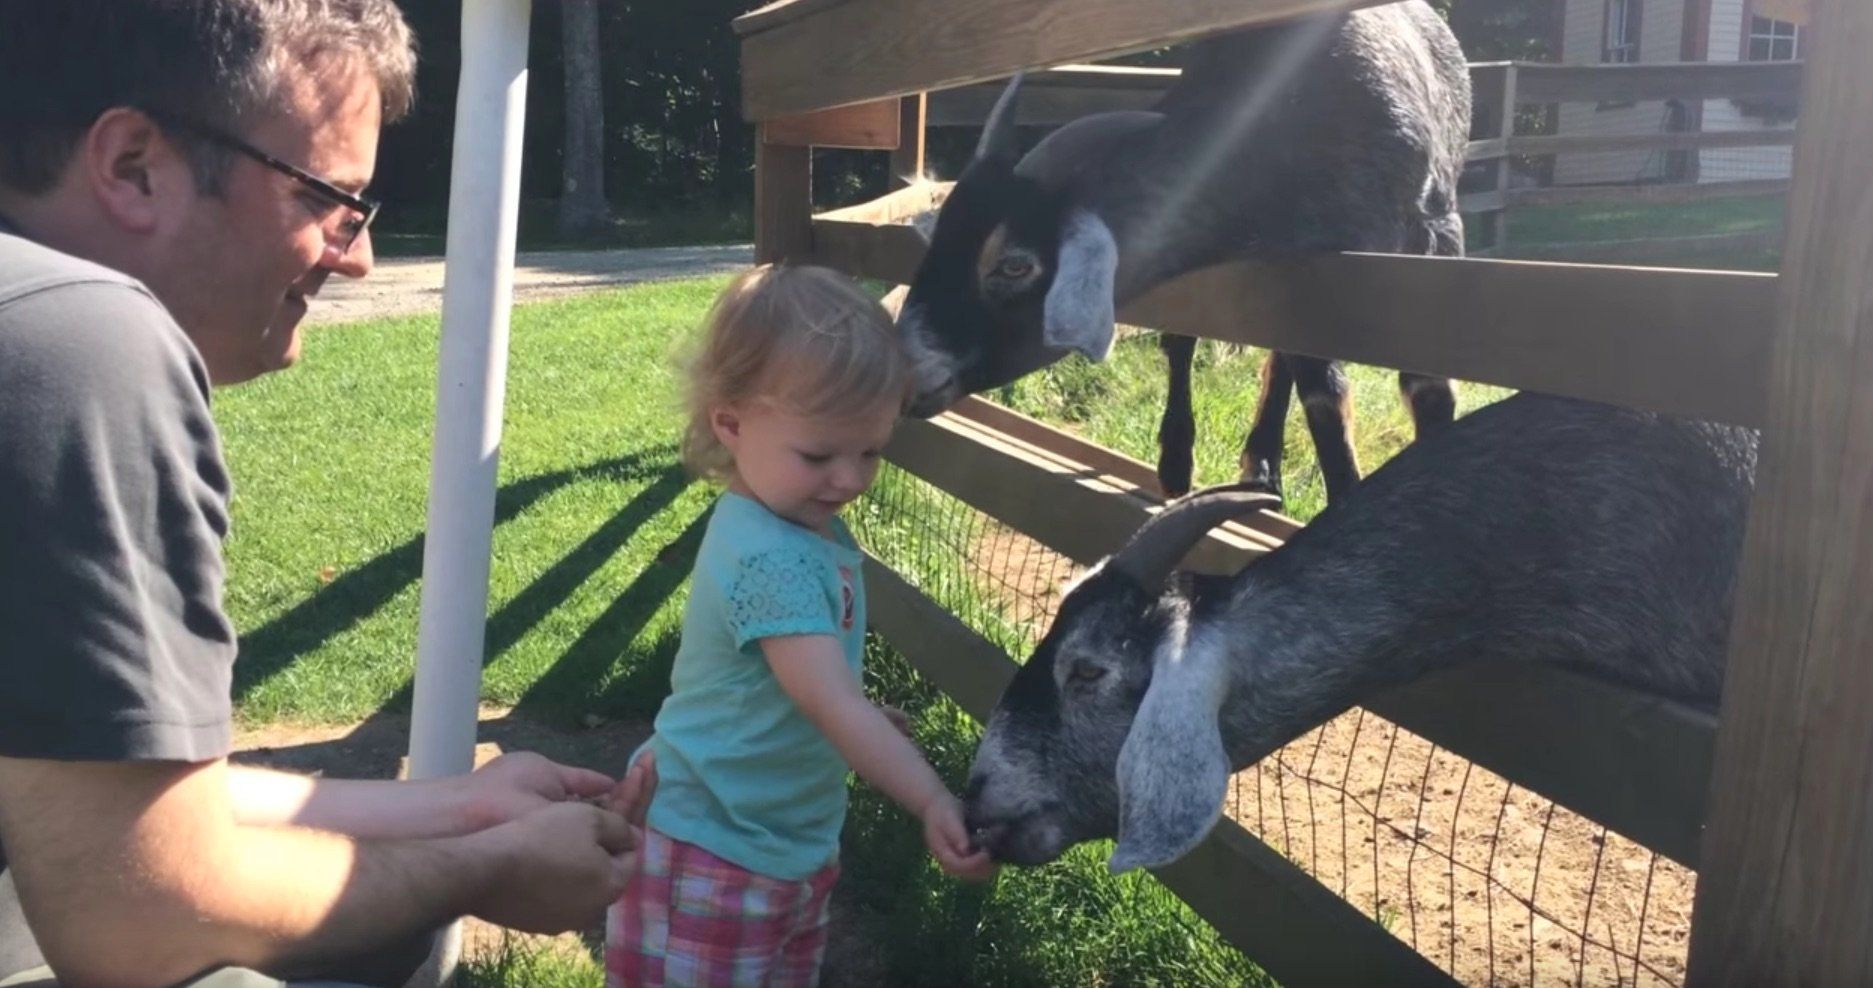 Little girl feeds goats.